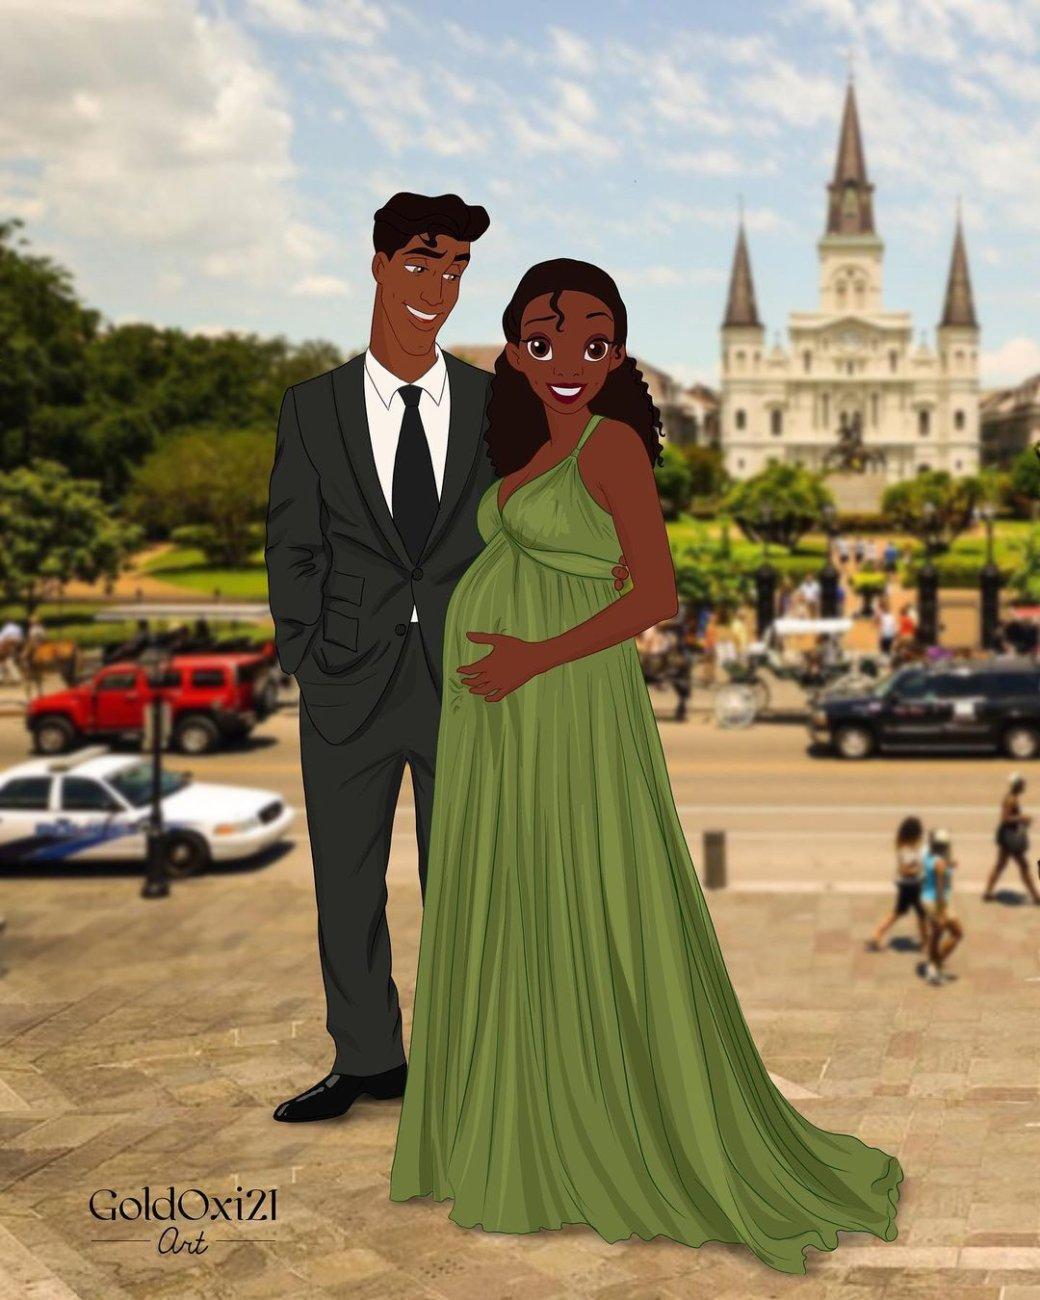 Российская художница изобразила беременных принцесс Disney | Канобу - Изображение 11174